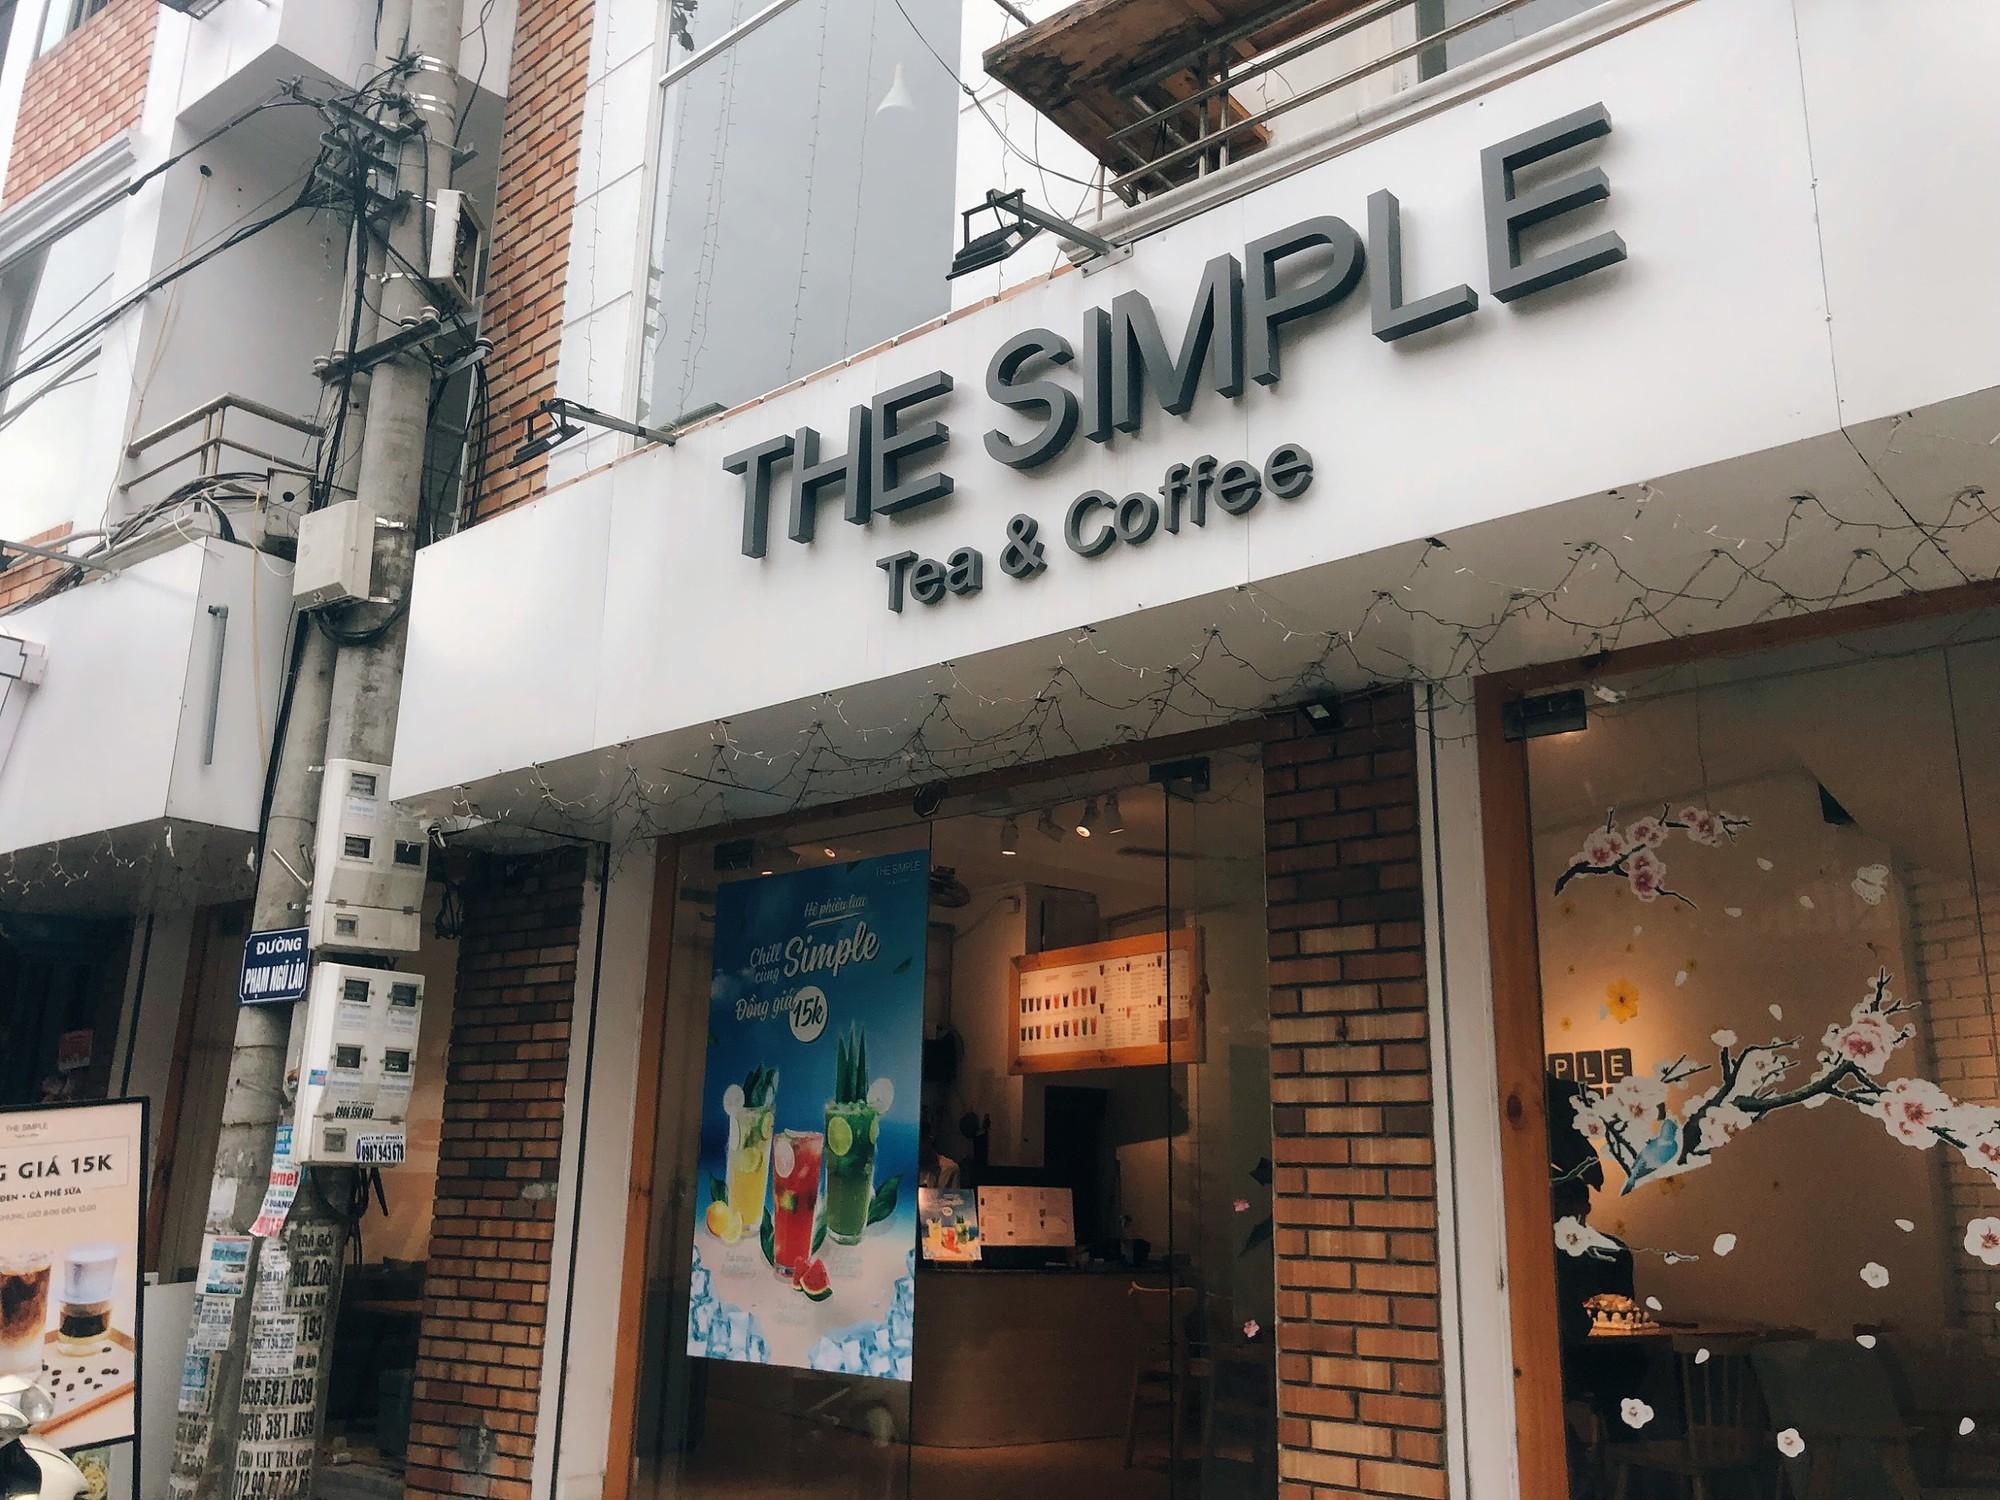 Điểm mặt thương hiệu trà sữa The Simple - đặc sản trong cộng đồng giới trẻ Hải Dương - Ảnh 1.